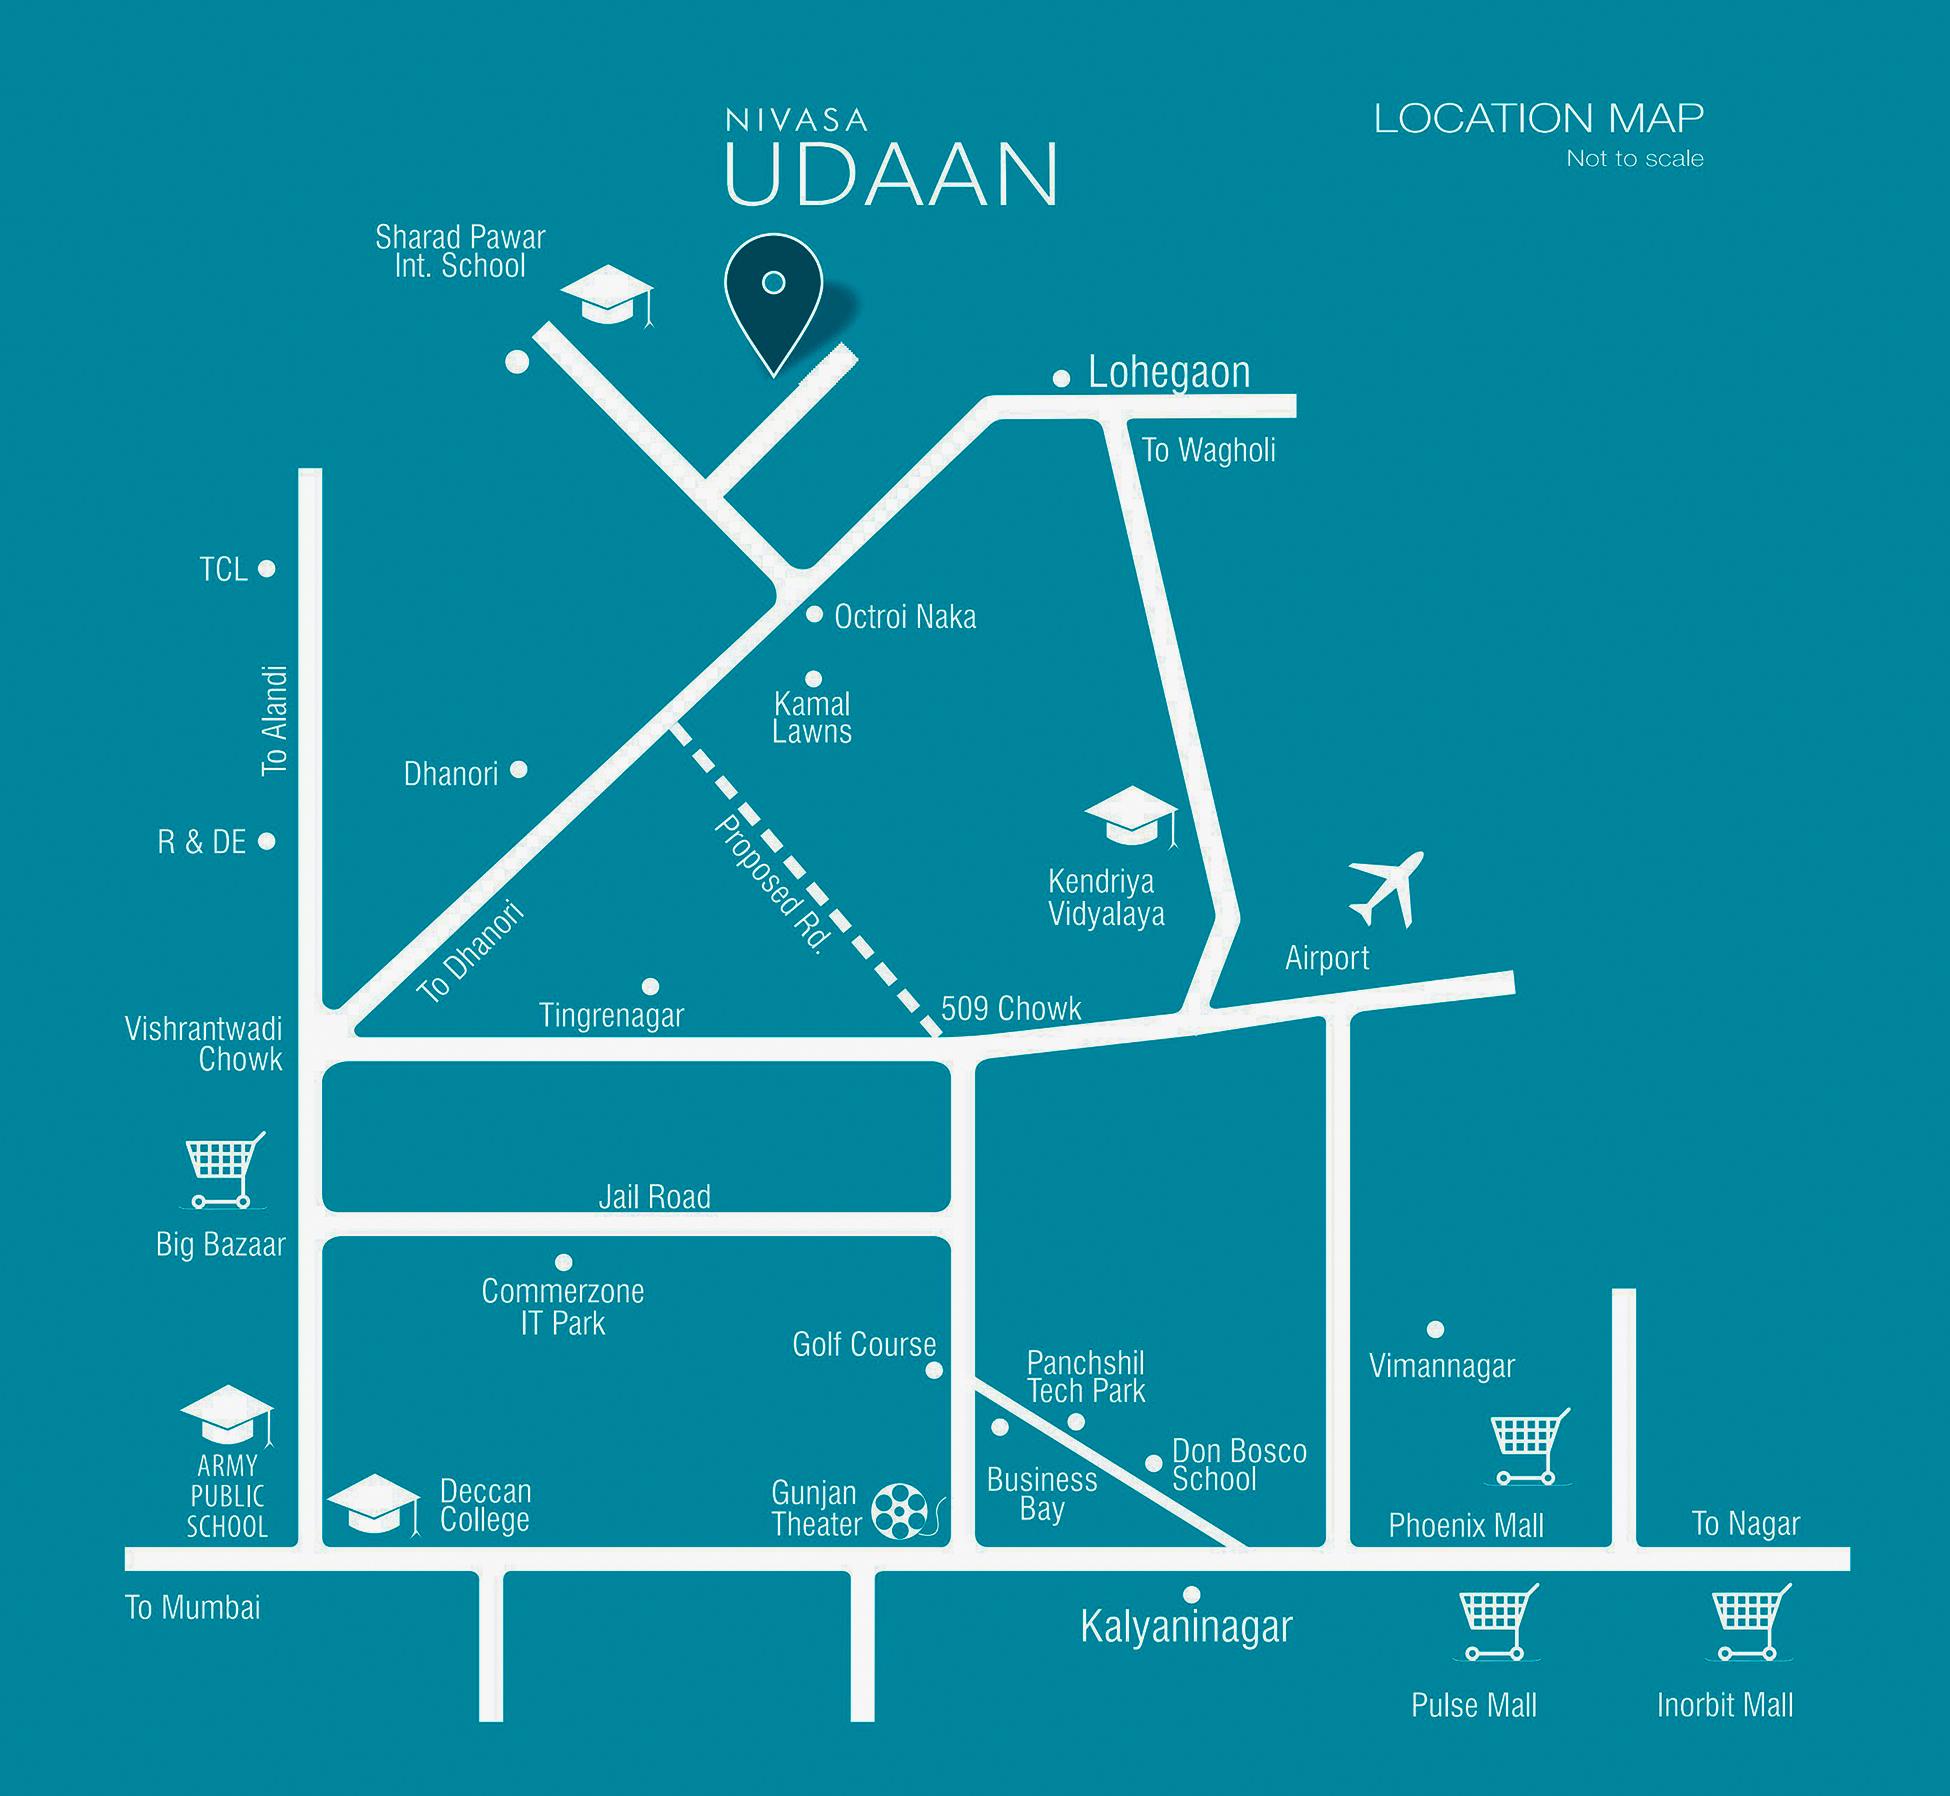 Nivasa Udaan - 1, 2, 3 BHK Affordable Homes at Lohegaon, Pune ...